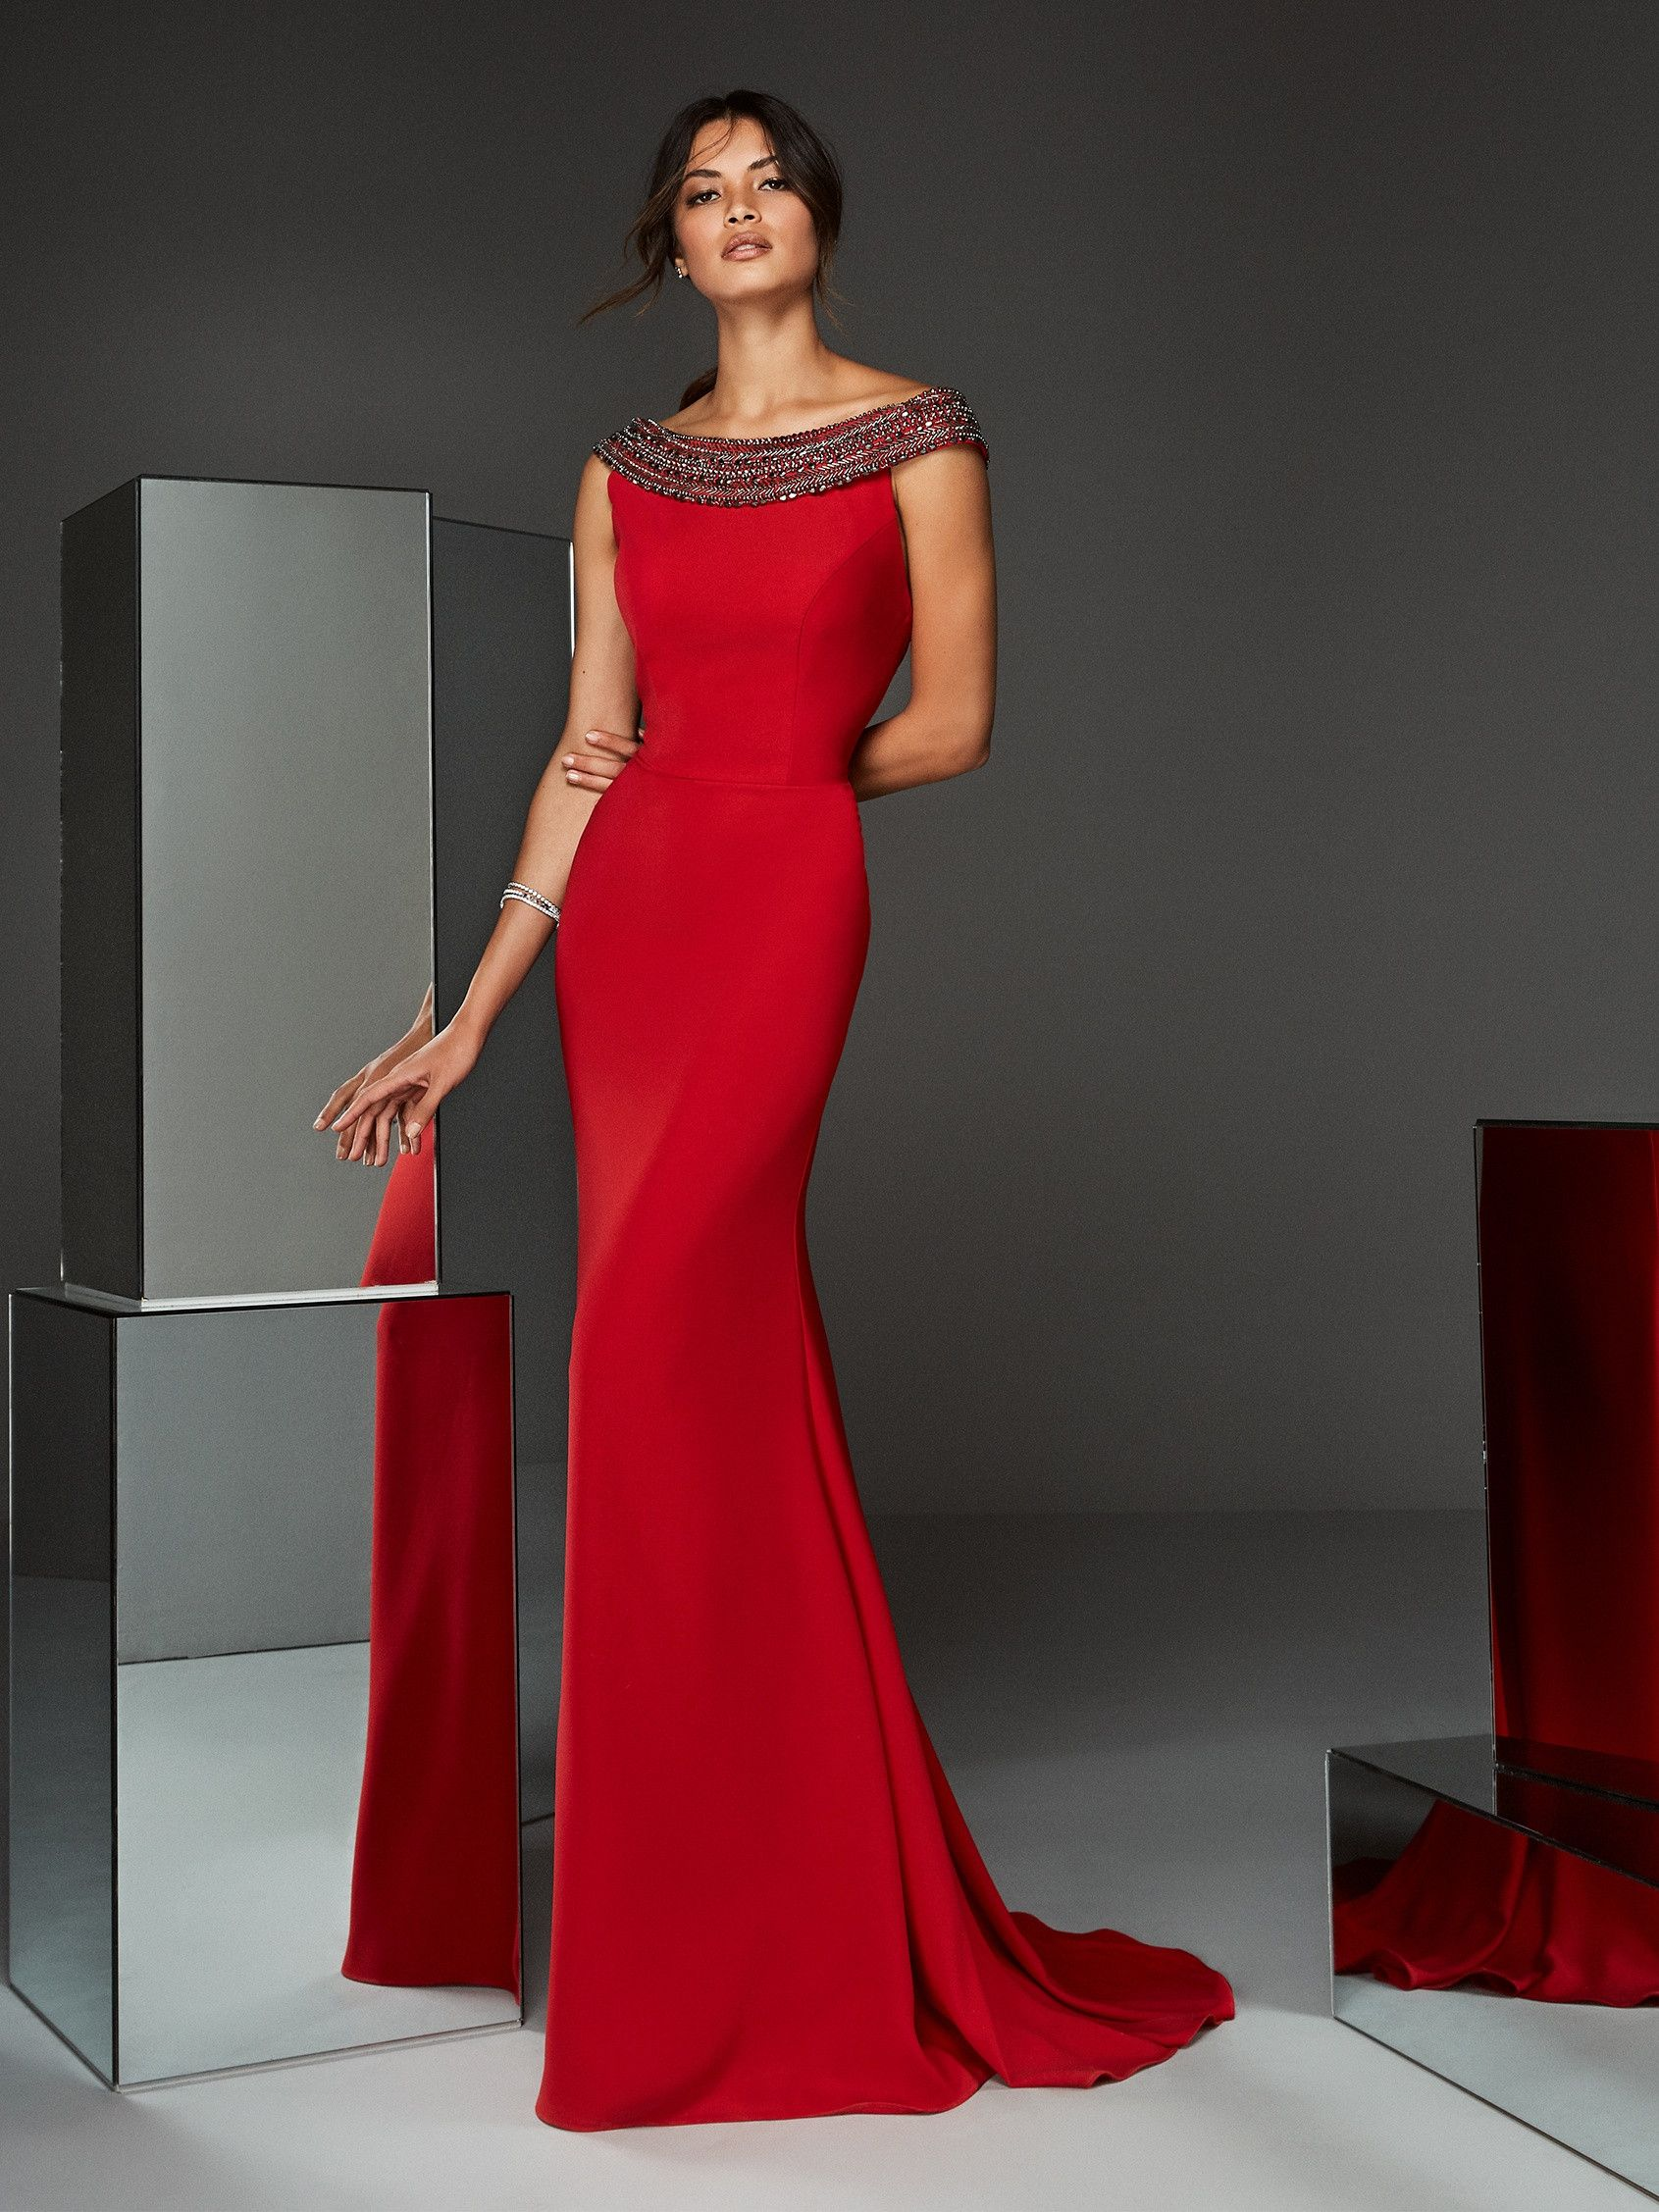 Langes Abendkleid im Meerjungfrau-Stil in Rot mit